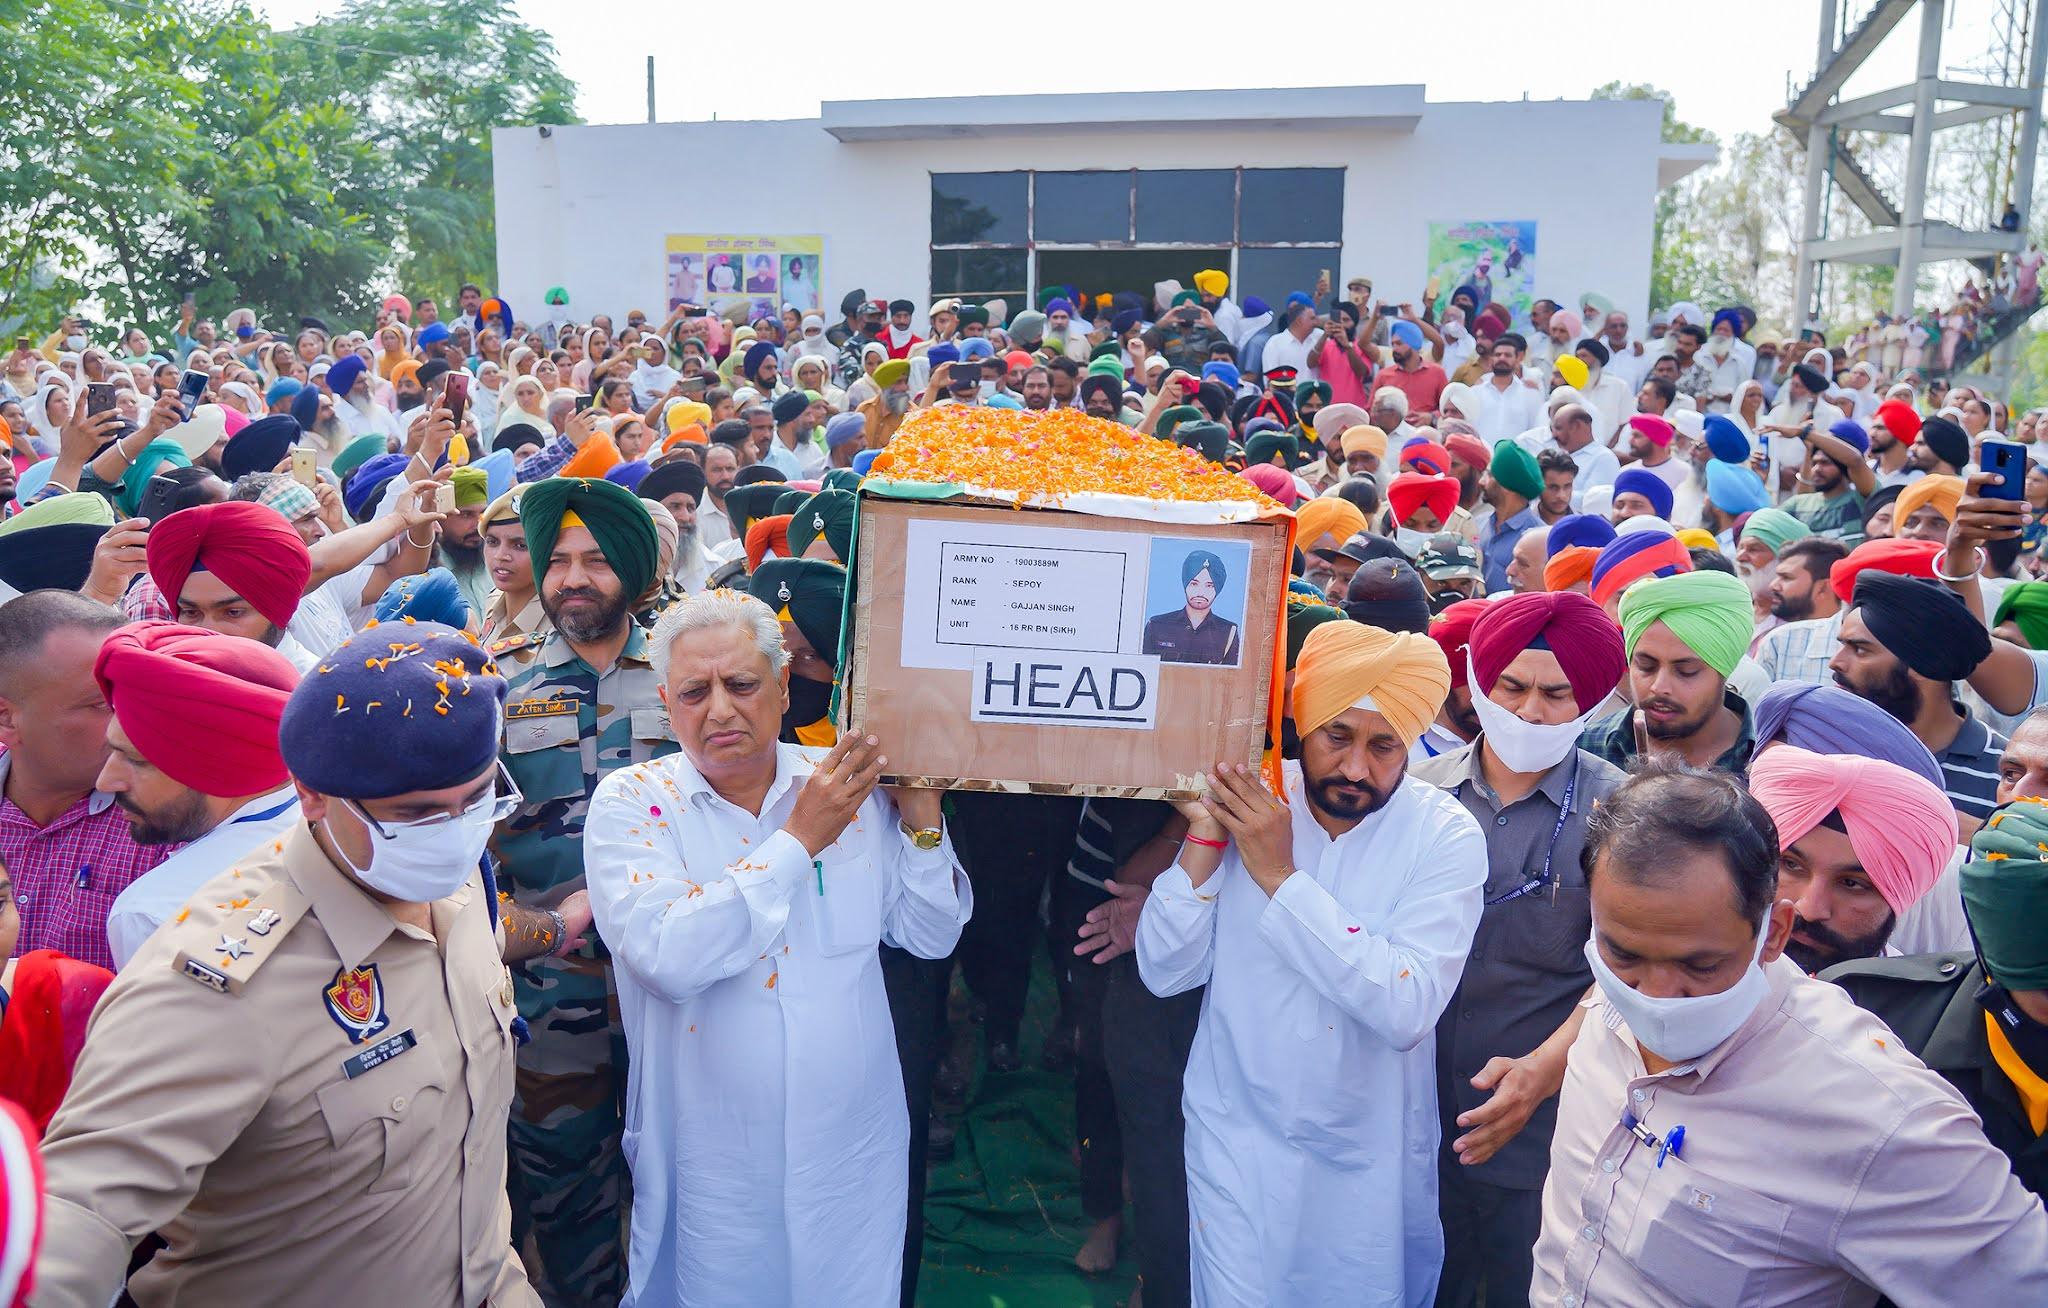 मुख्यमंत्री ने शहीद सिपाही गज्जण सिंह के पैतृक गाँव पचरंडा में पहुँच कर परिवार के साथ दुख साझा किया